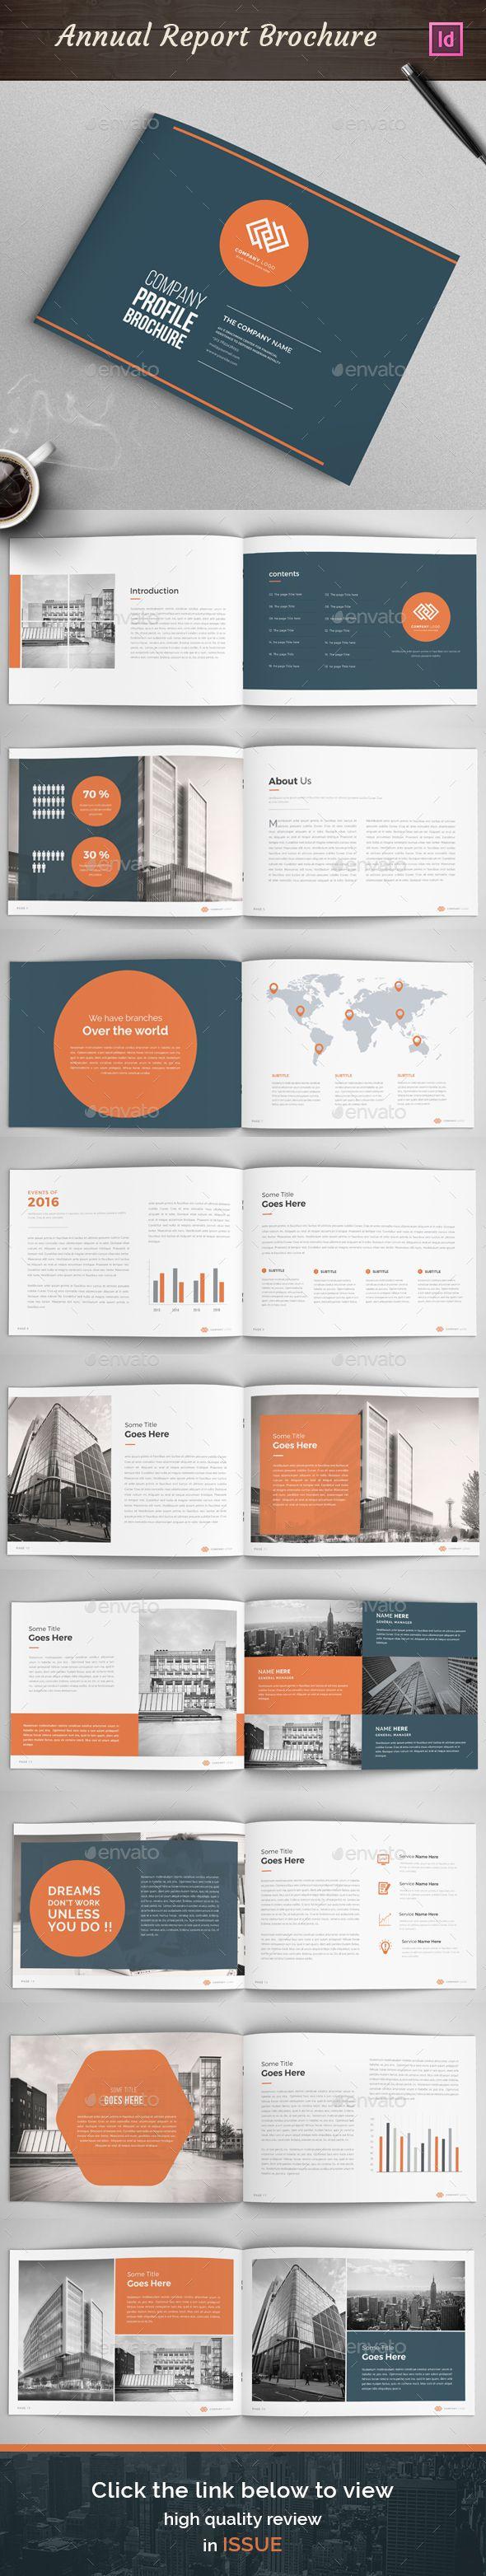 Annual Report Company Profile Pinterest Company Profile